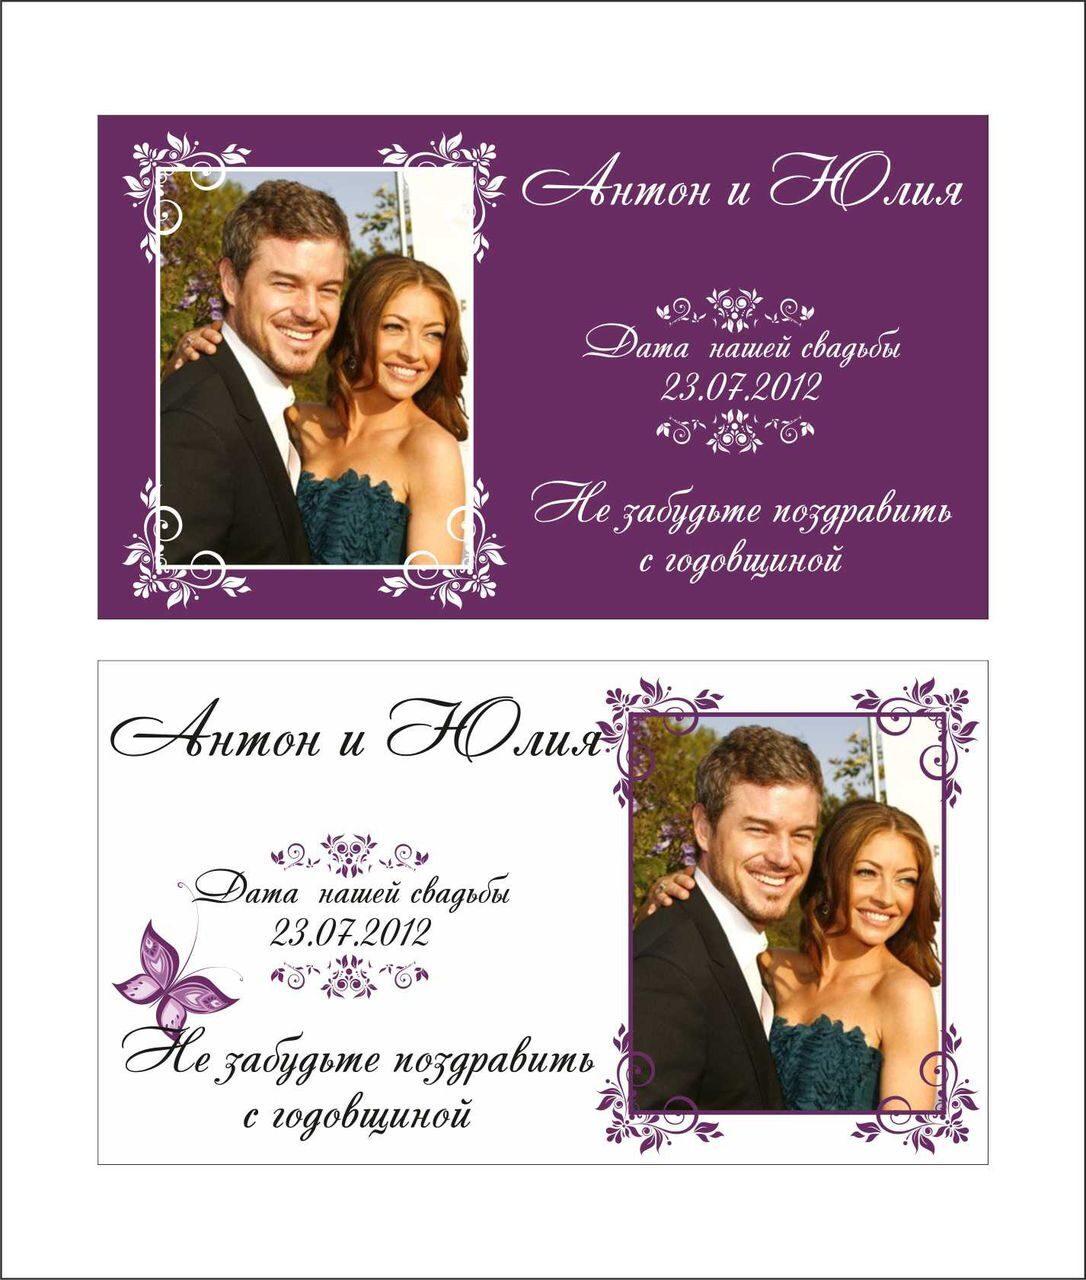 Магниты на свадьбу для гостей купить с доставкой по России и 26